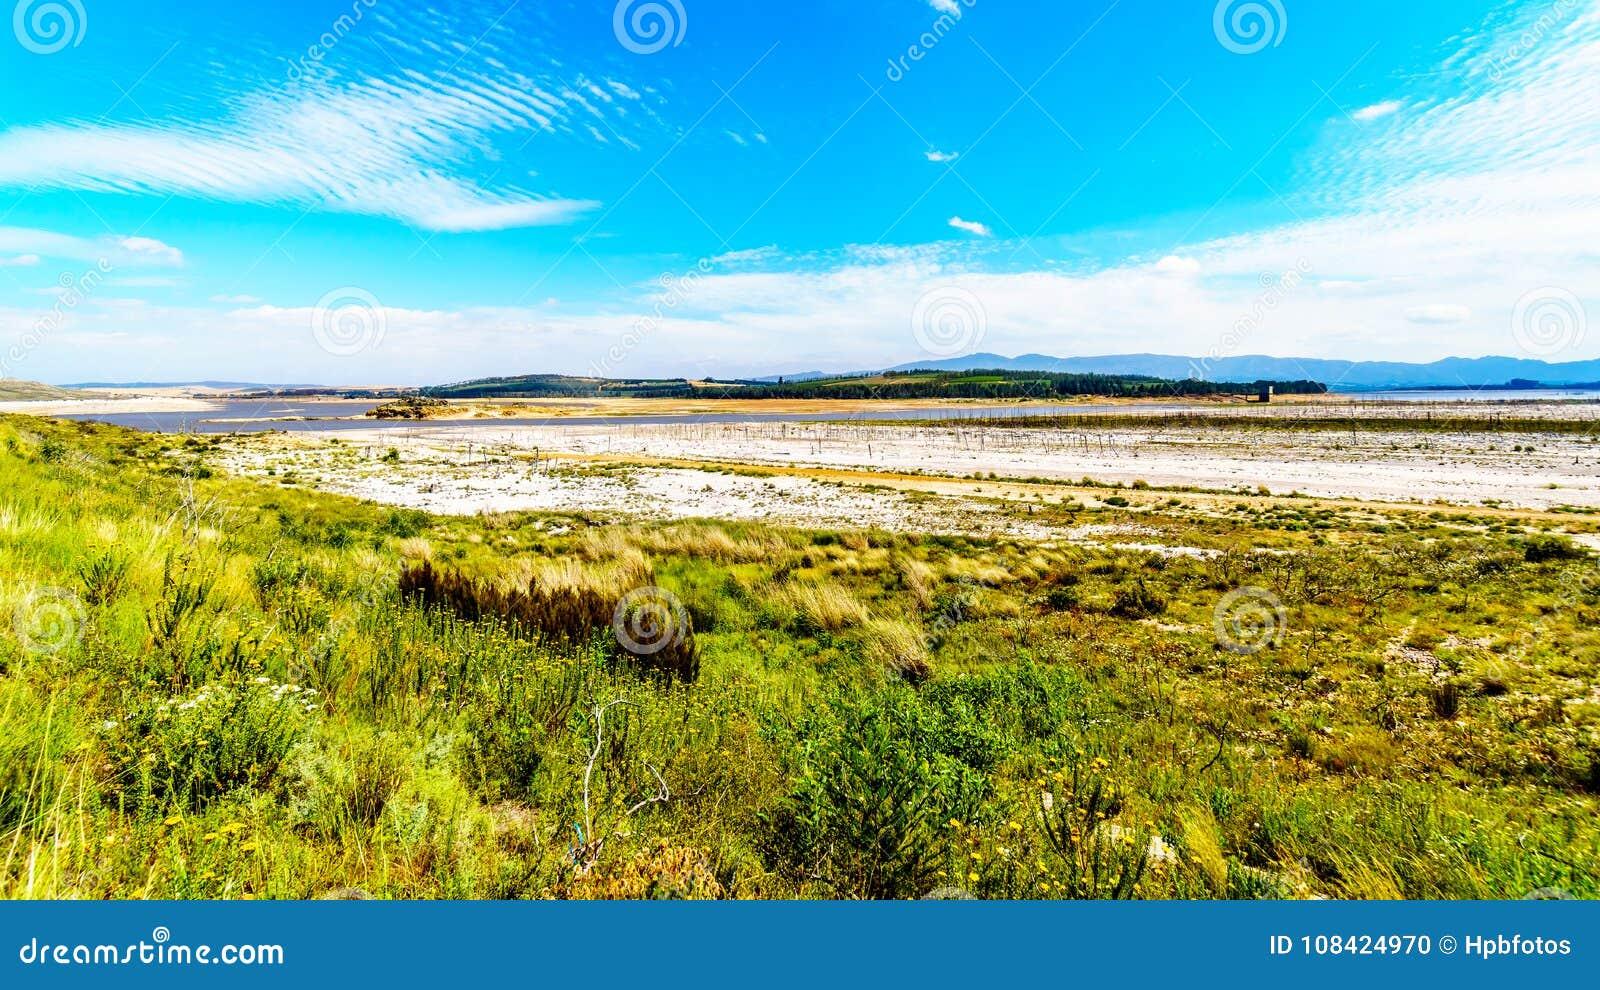 Extremadamente - nivel del agua baja en la presa de Theewaterkloof que es una fuente importante para el abastecimiento de agua a